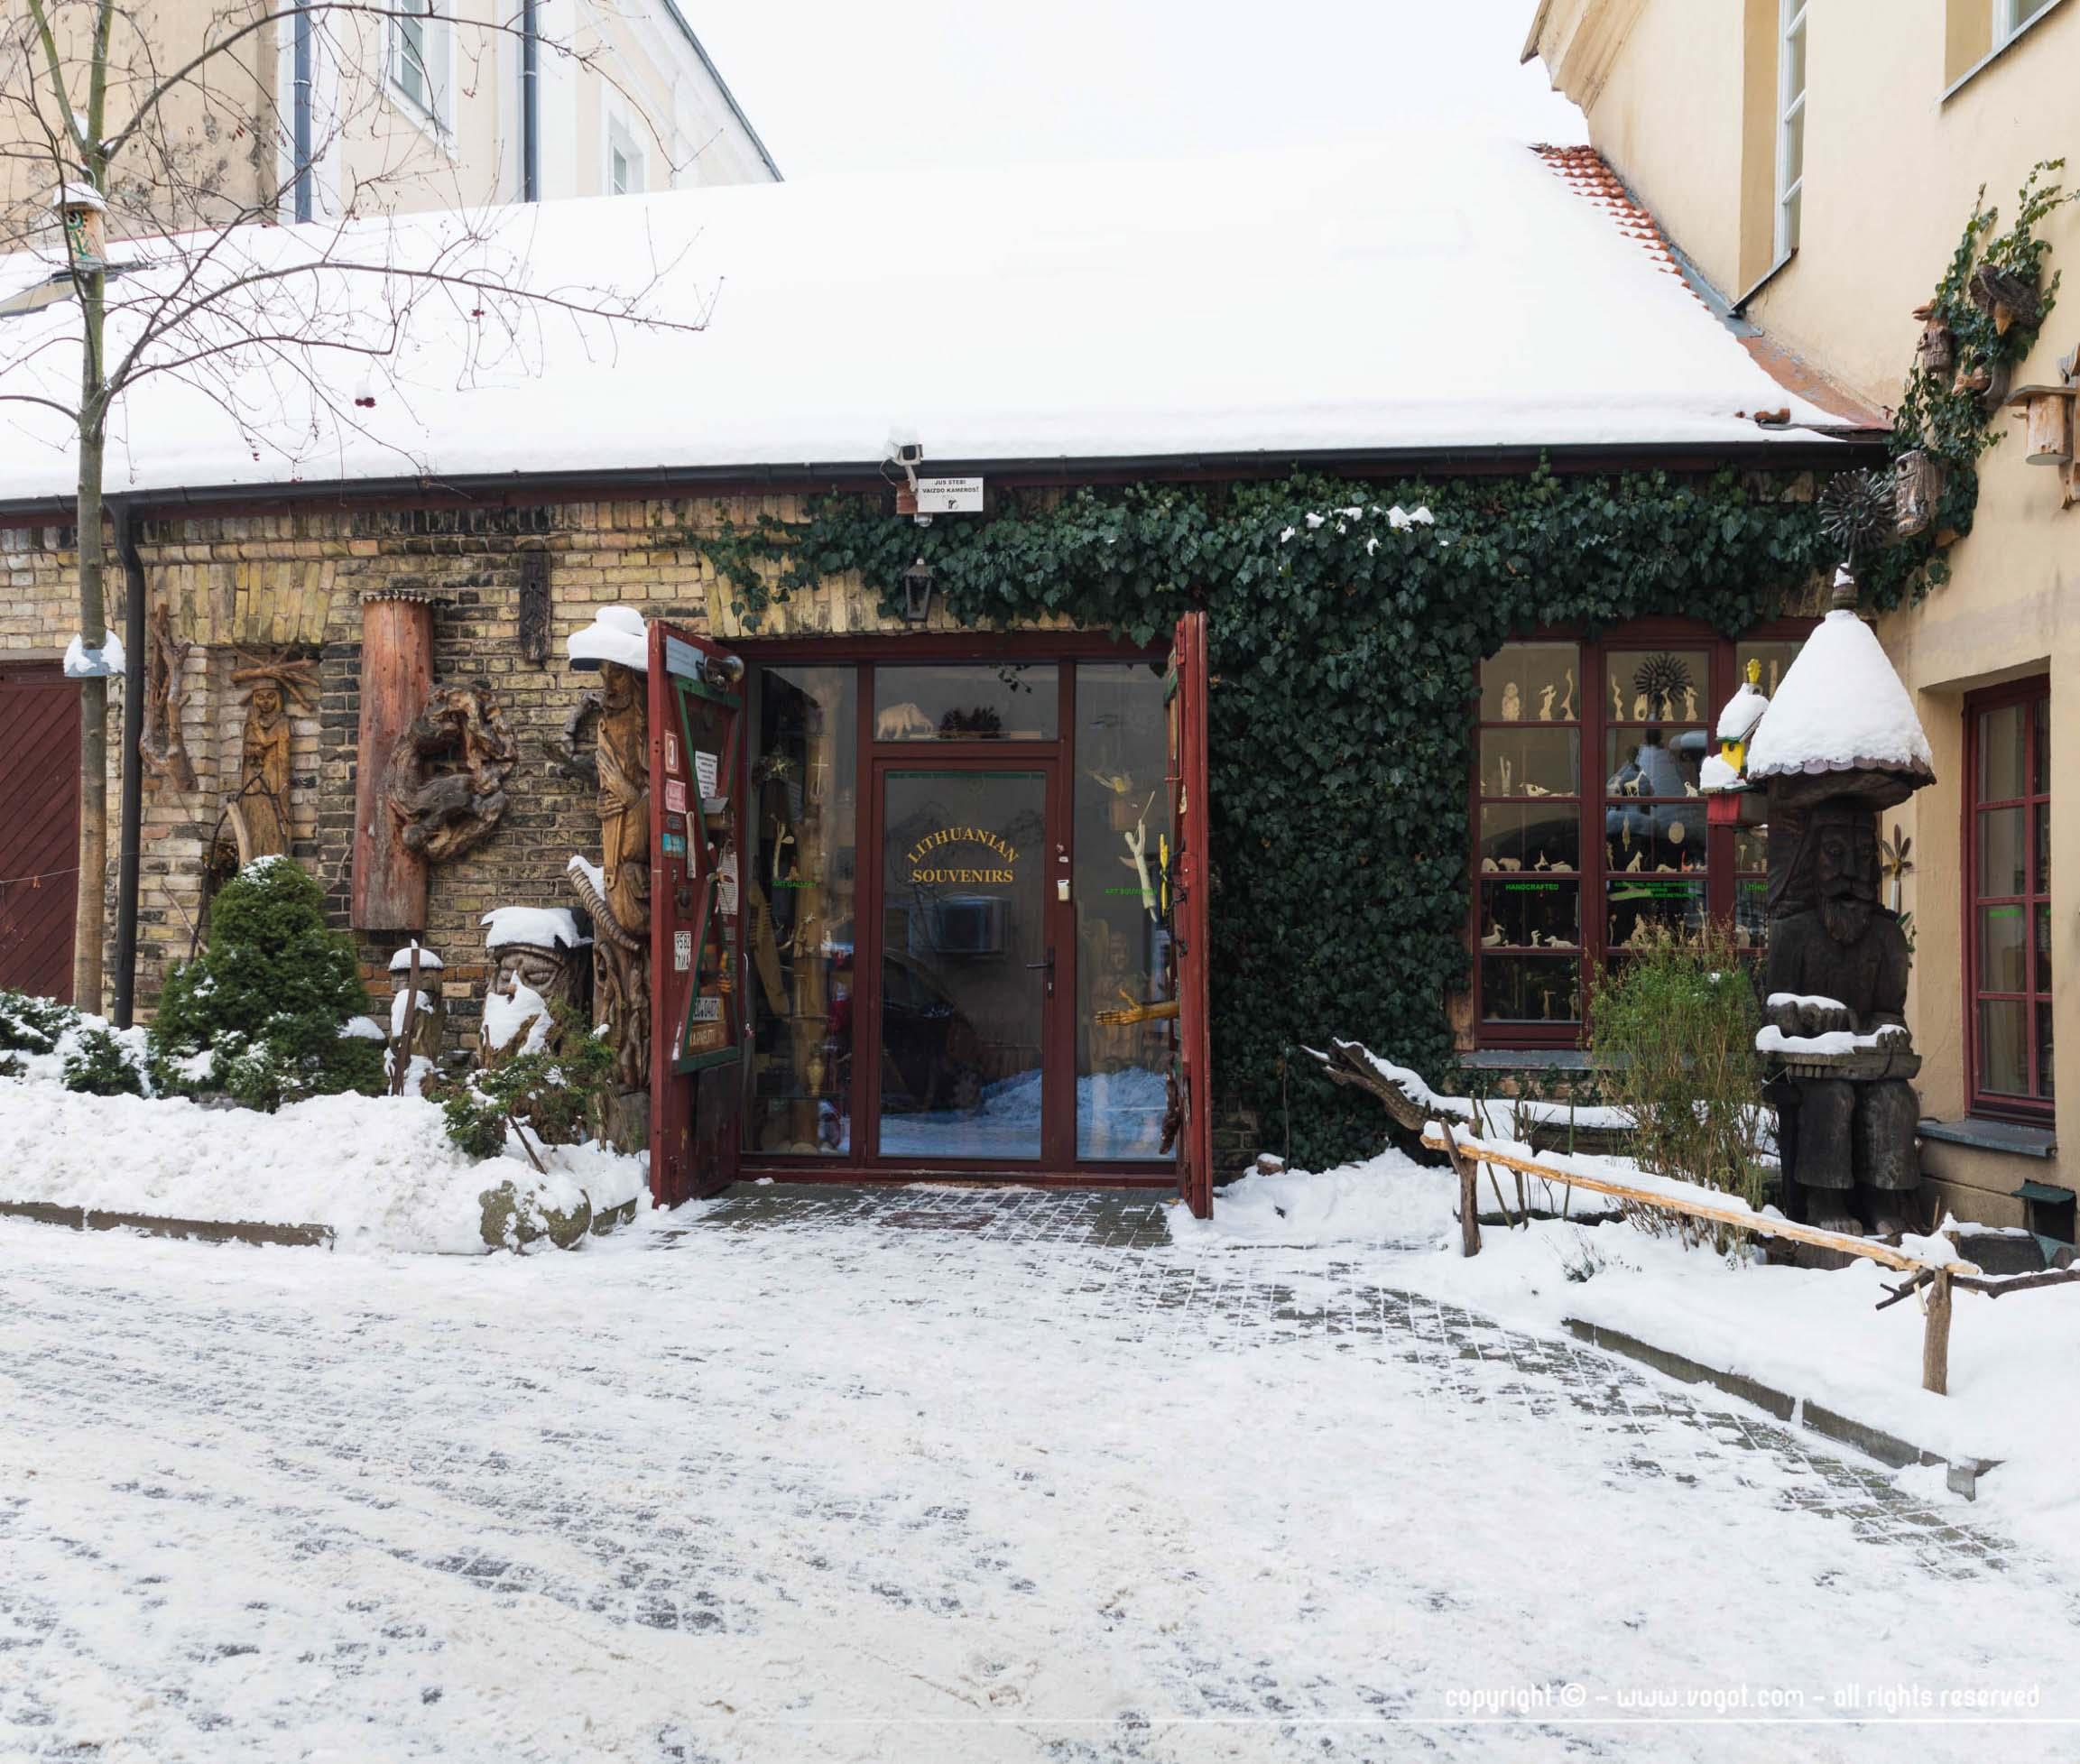 une semaine à Vilnius - Boutique artisanale sous la neige